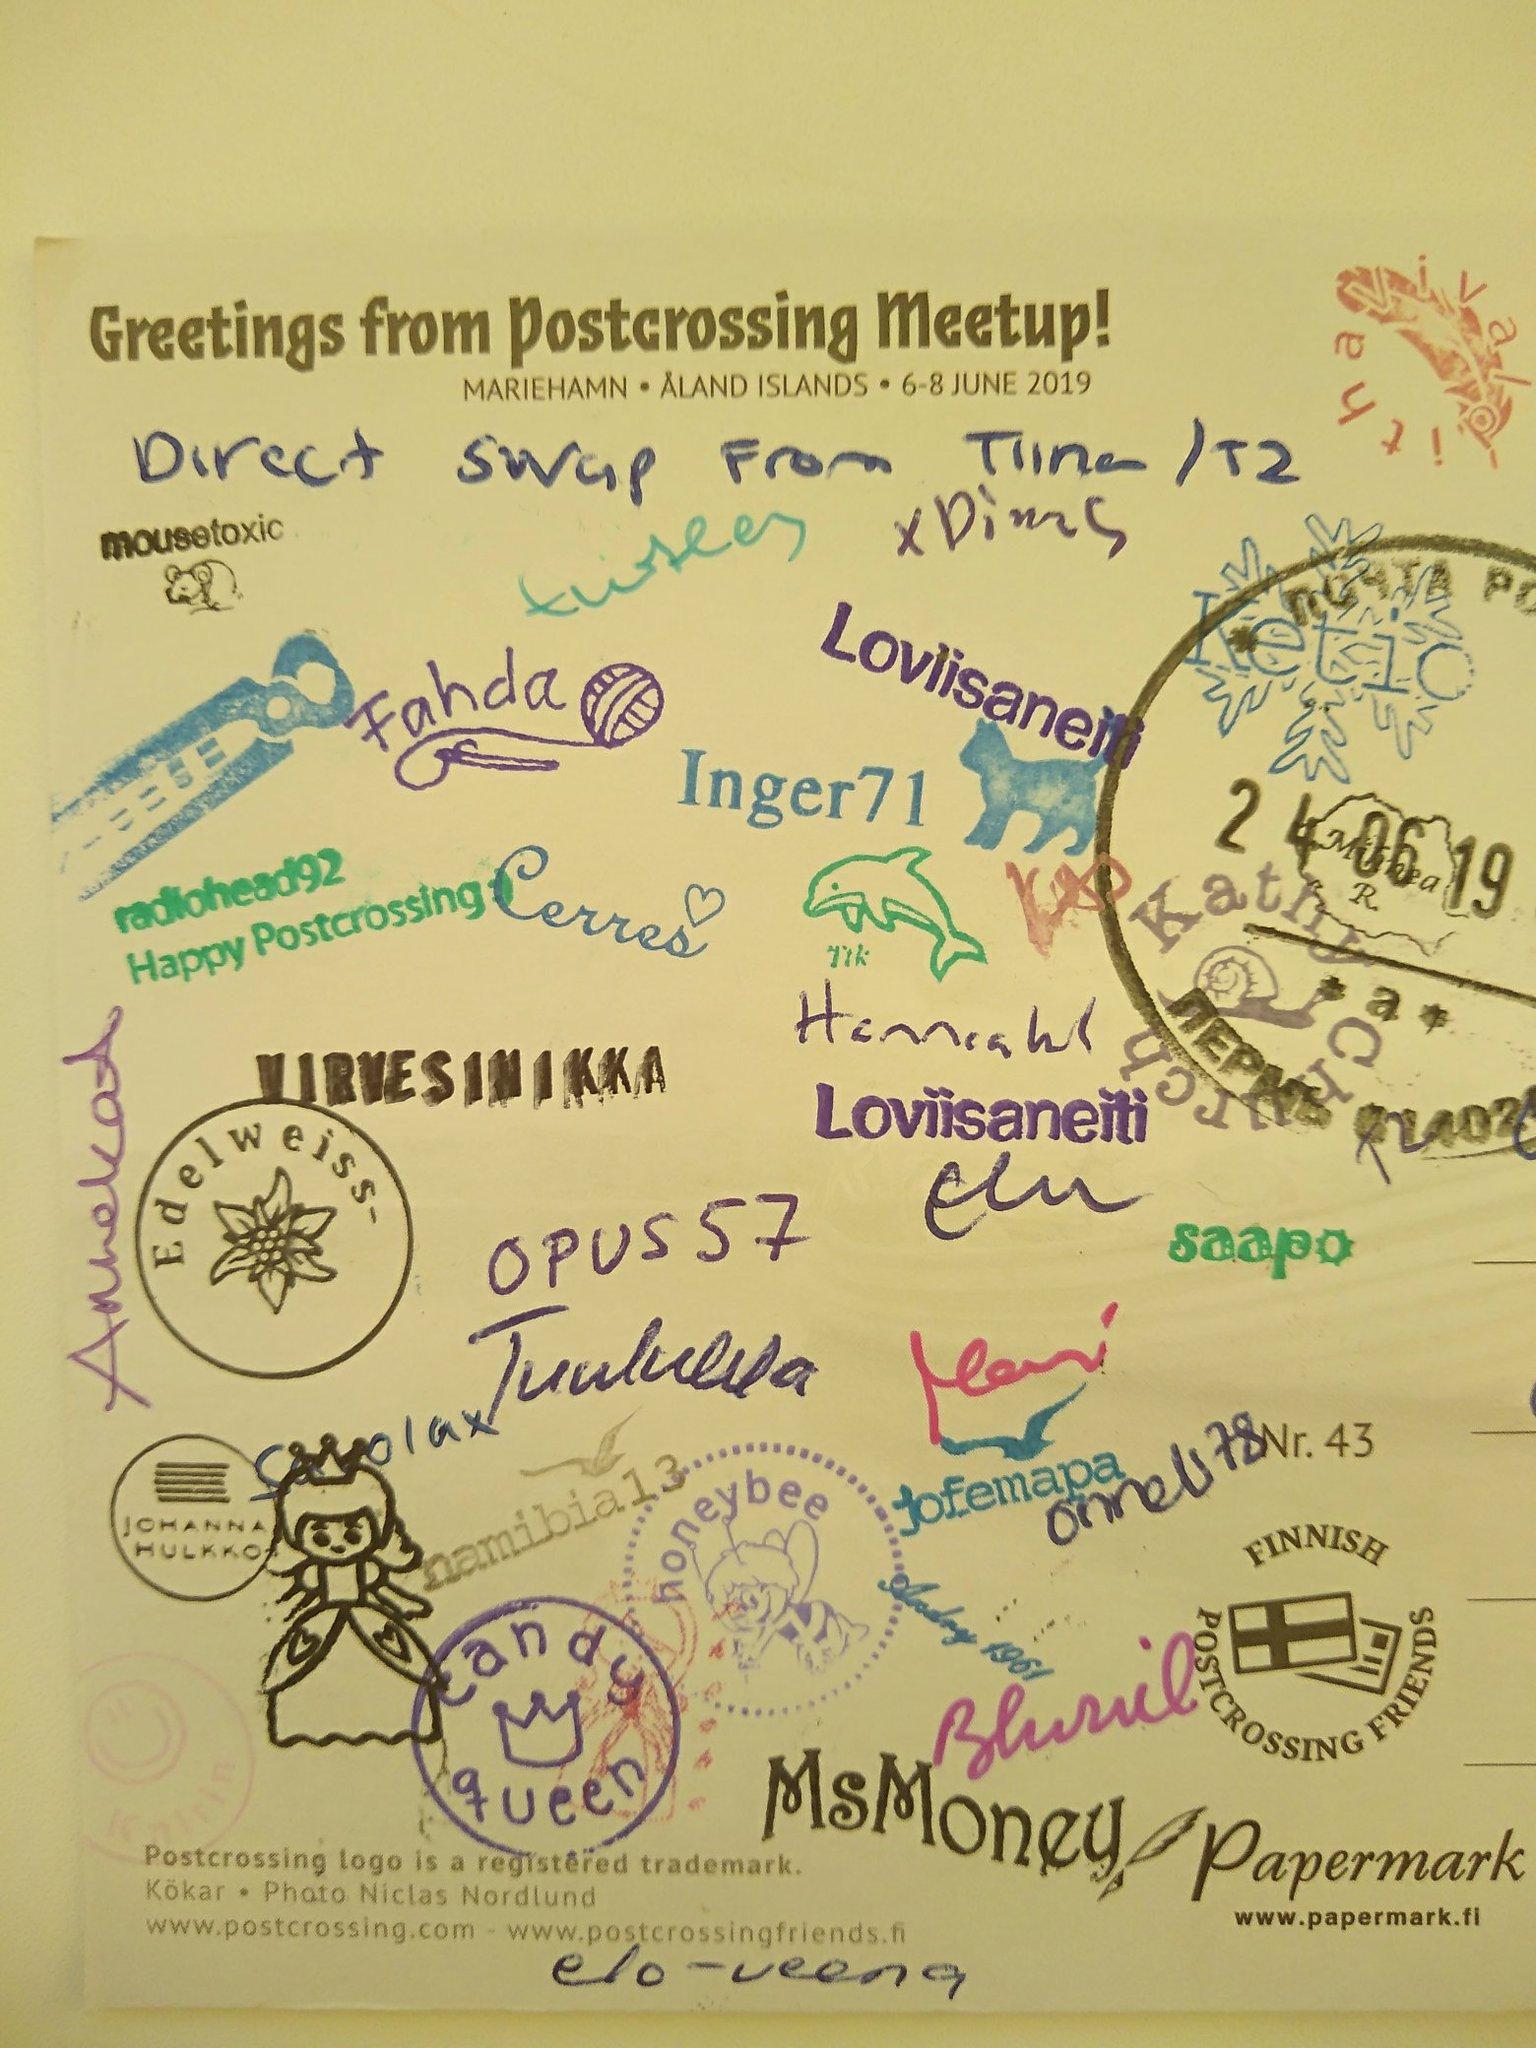 Как подписать открытки для посткроссинга